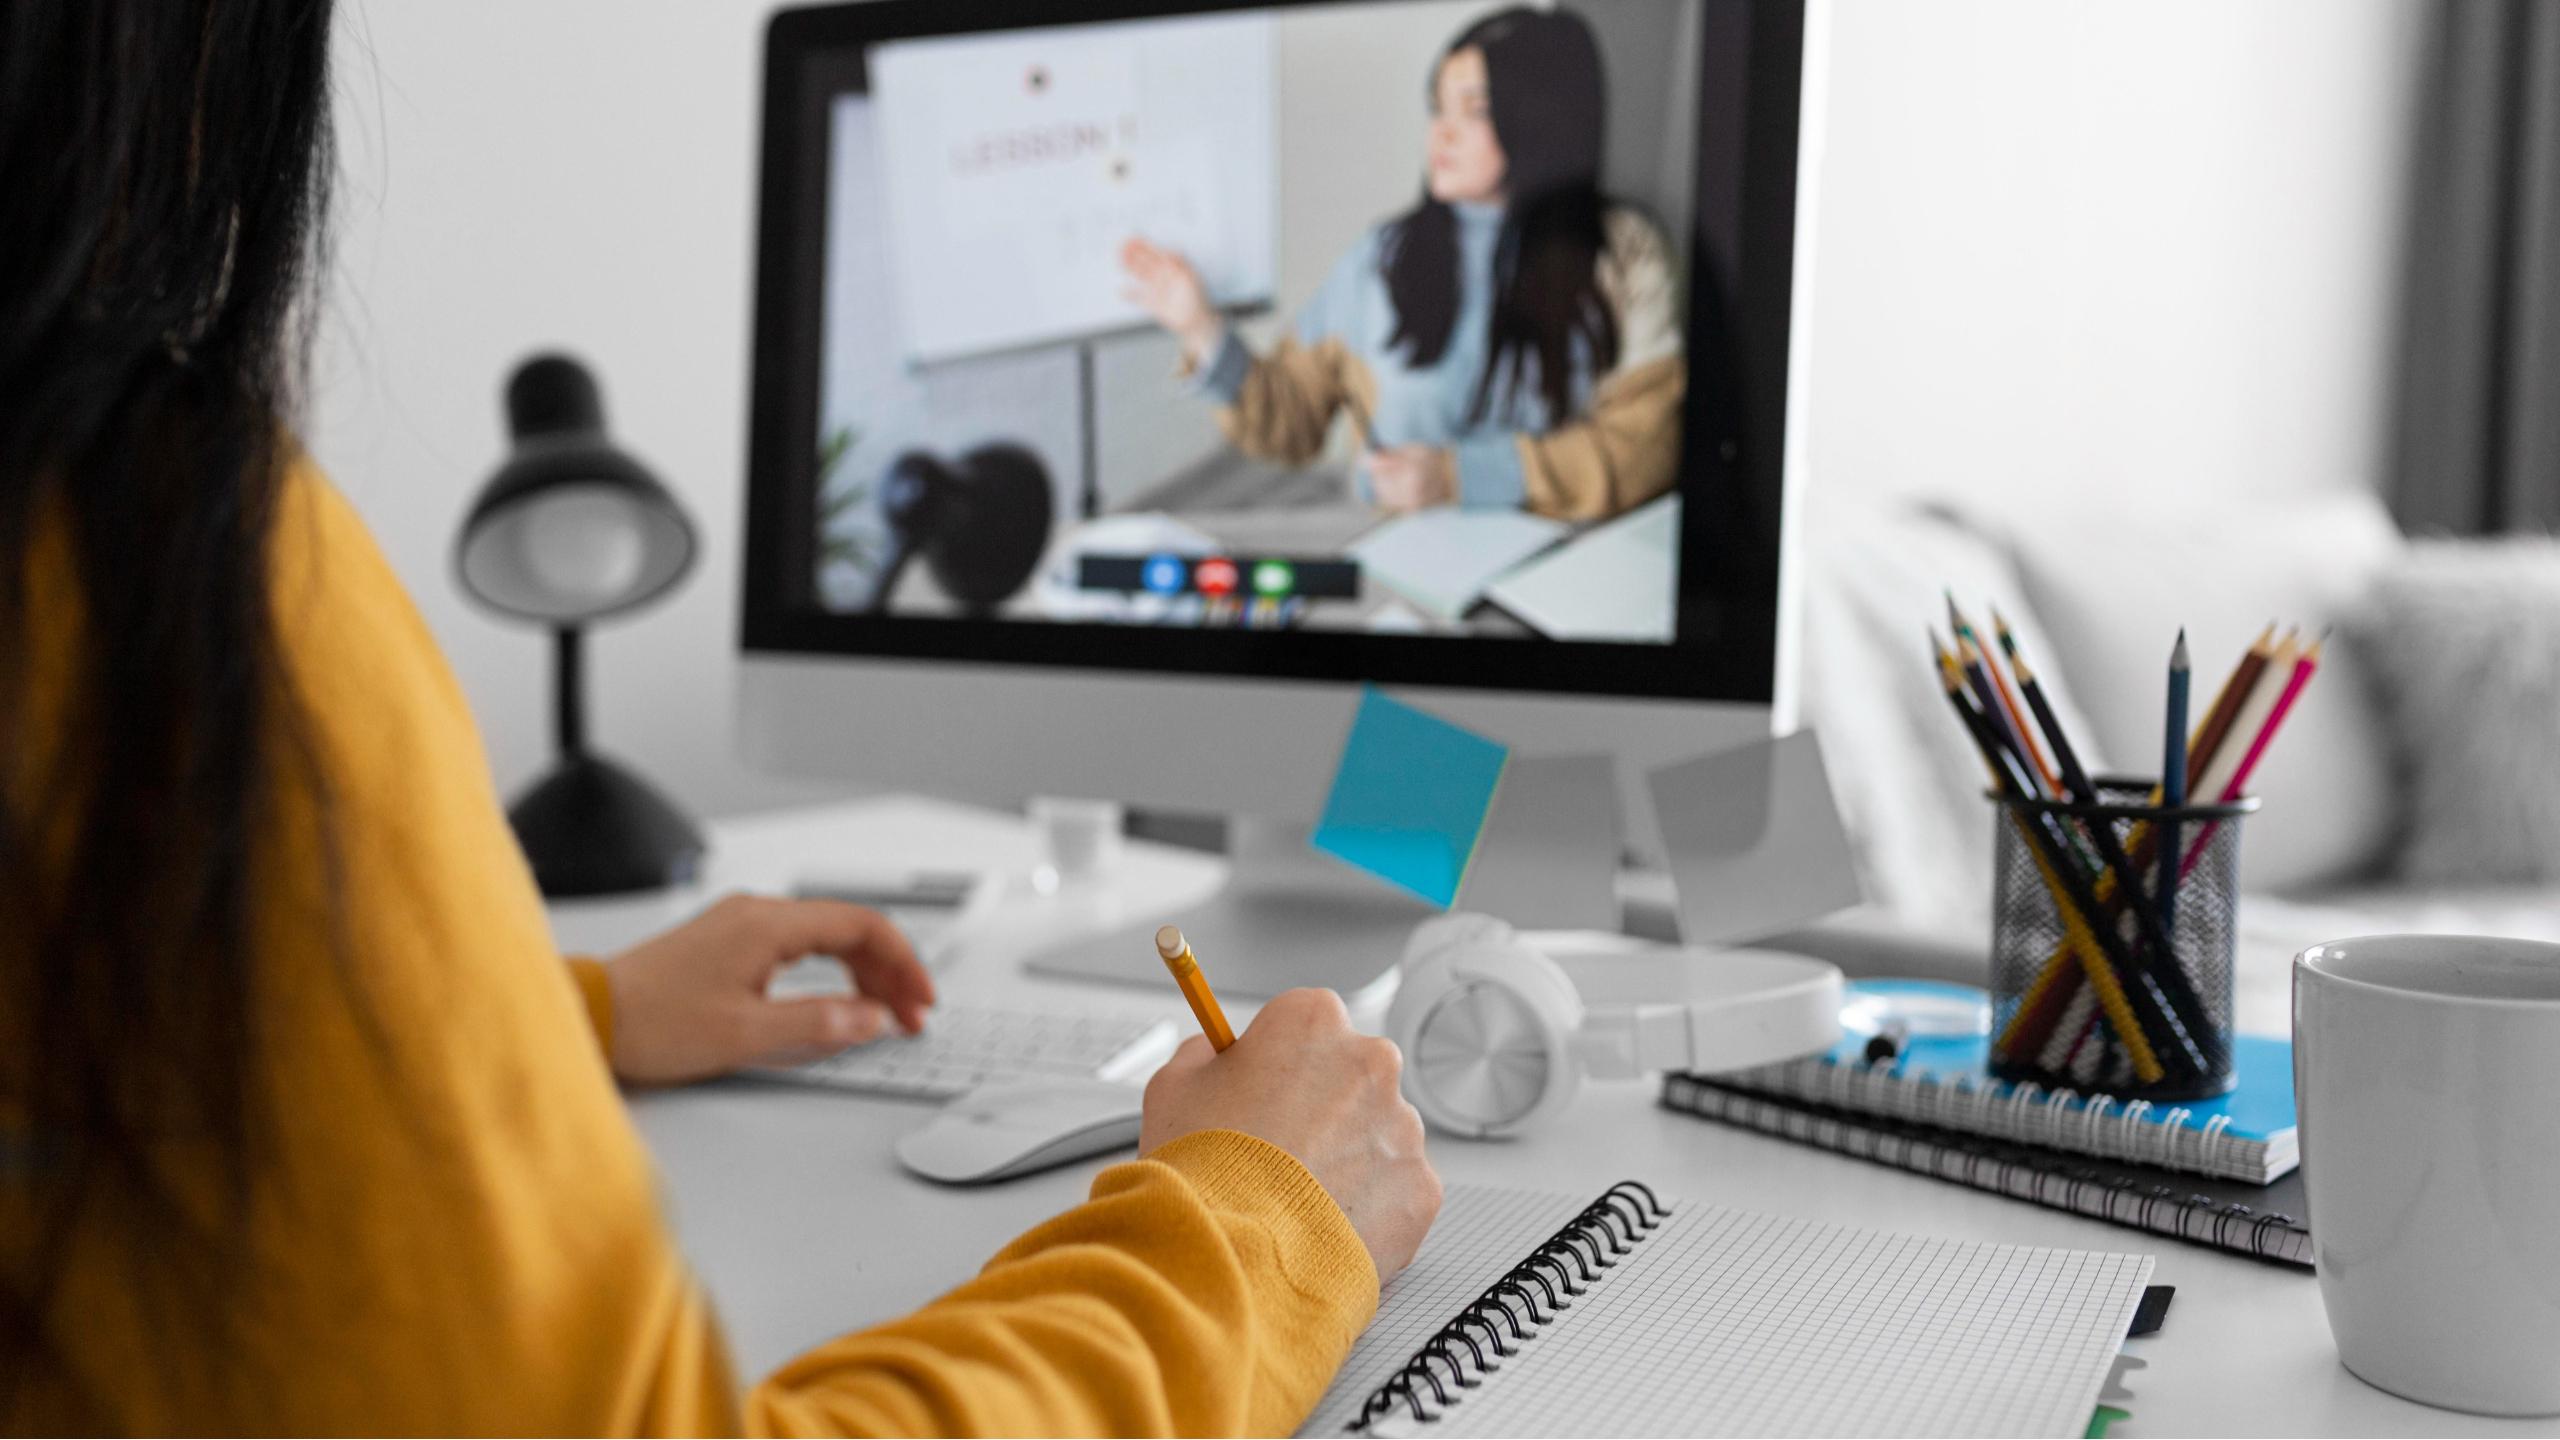 online tutoring business WordPress website